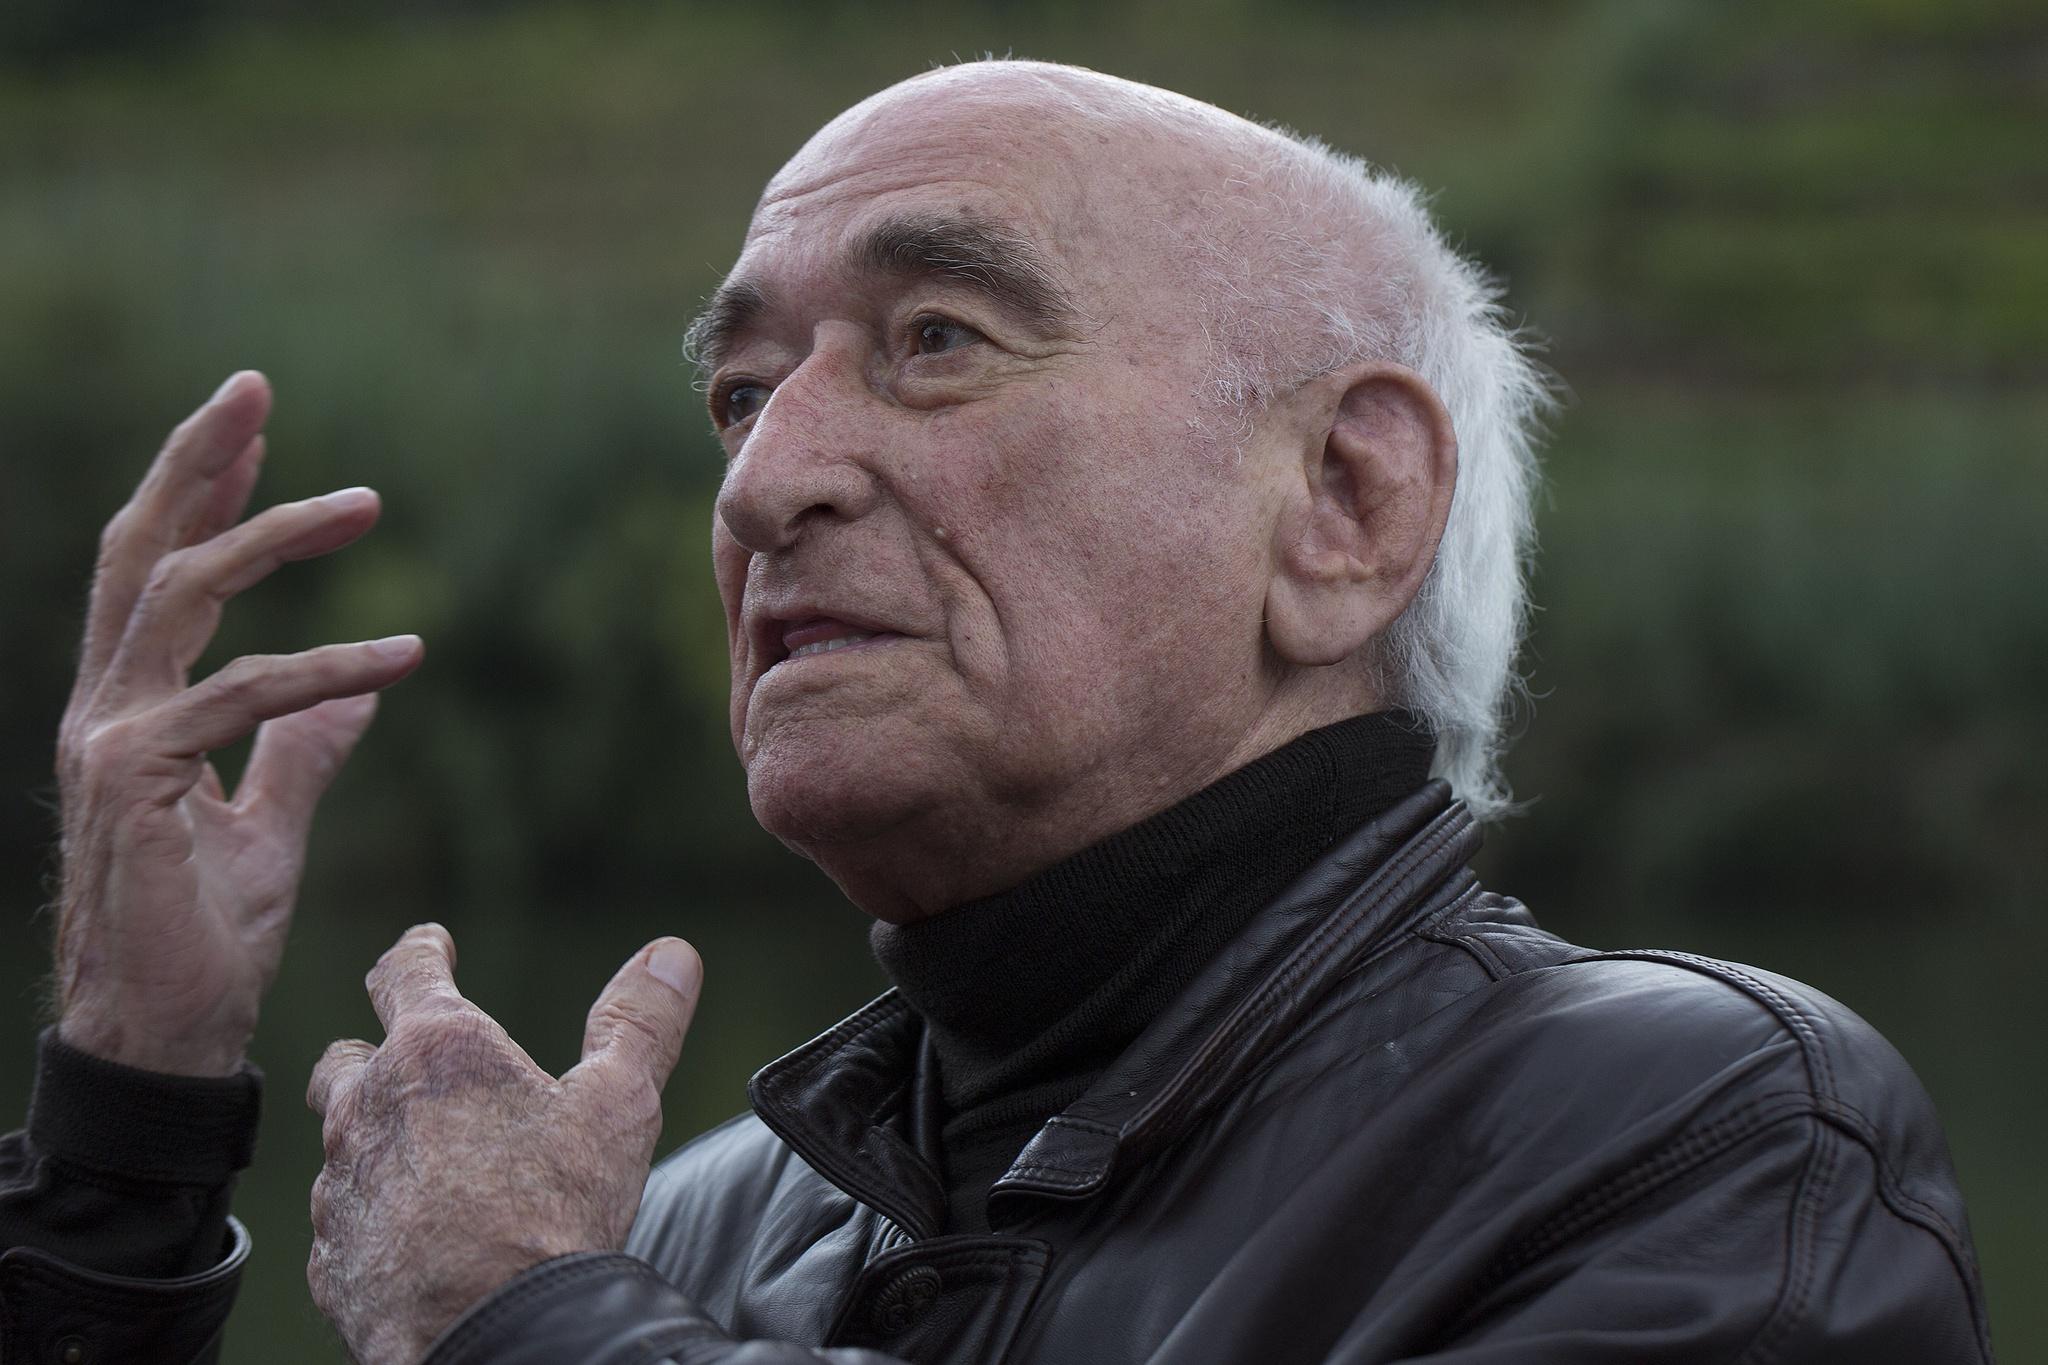 Morreu Cruzeiro Seixas, um dos últimos surrealistas portugueses